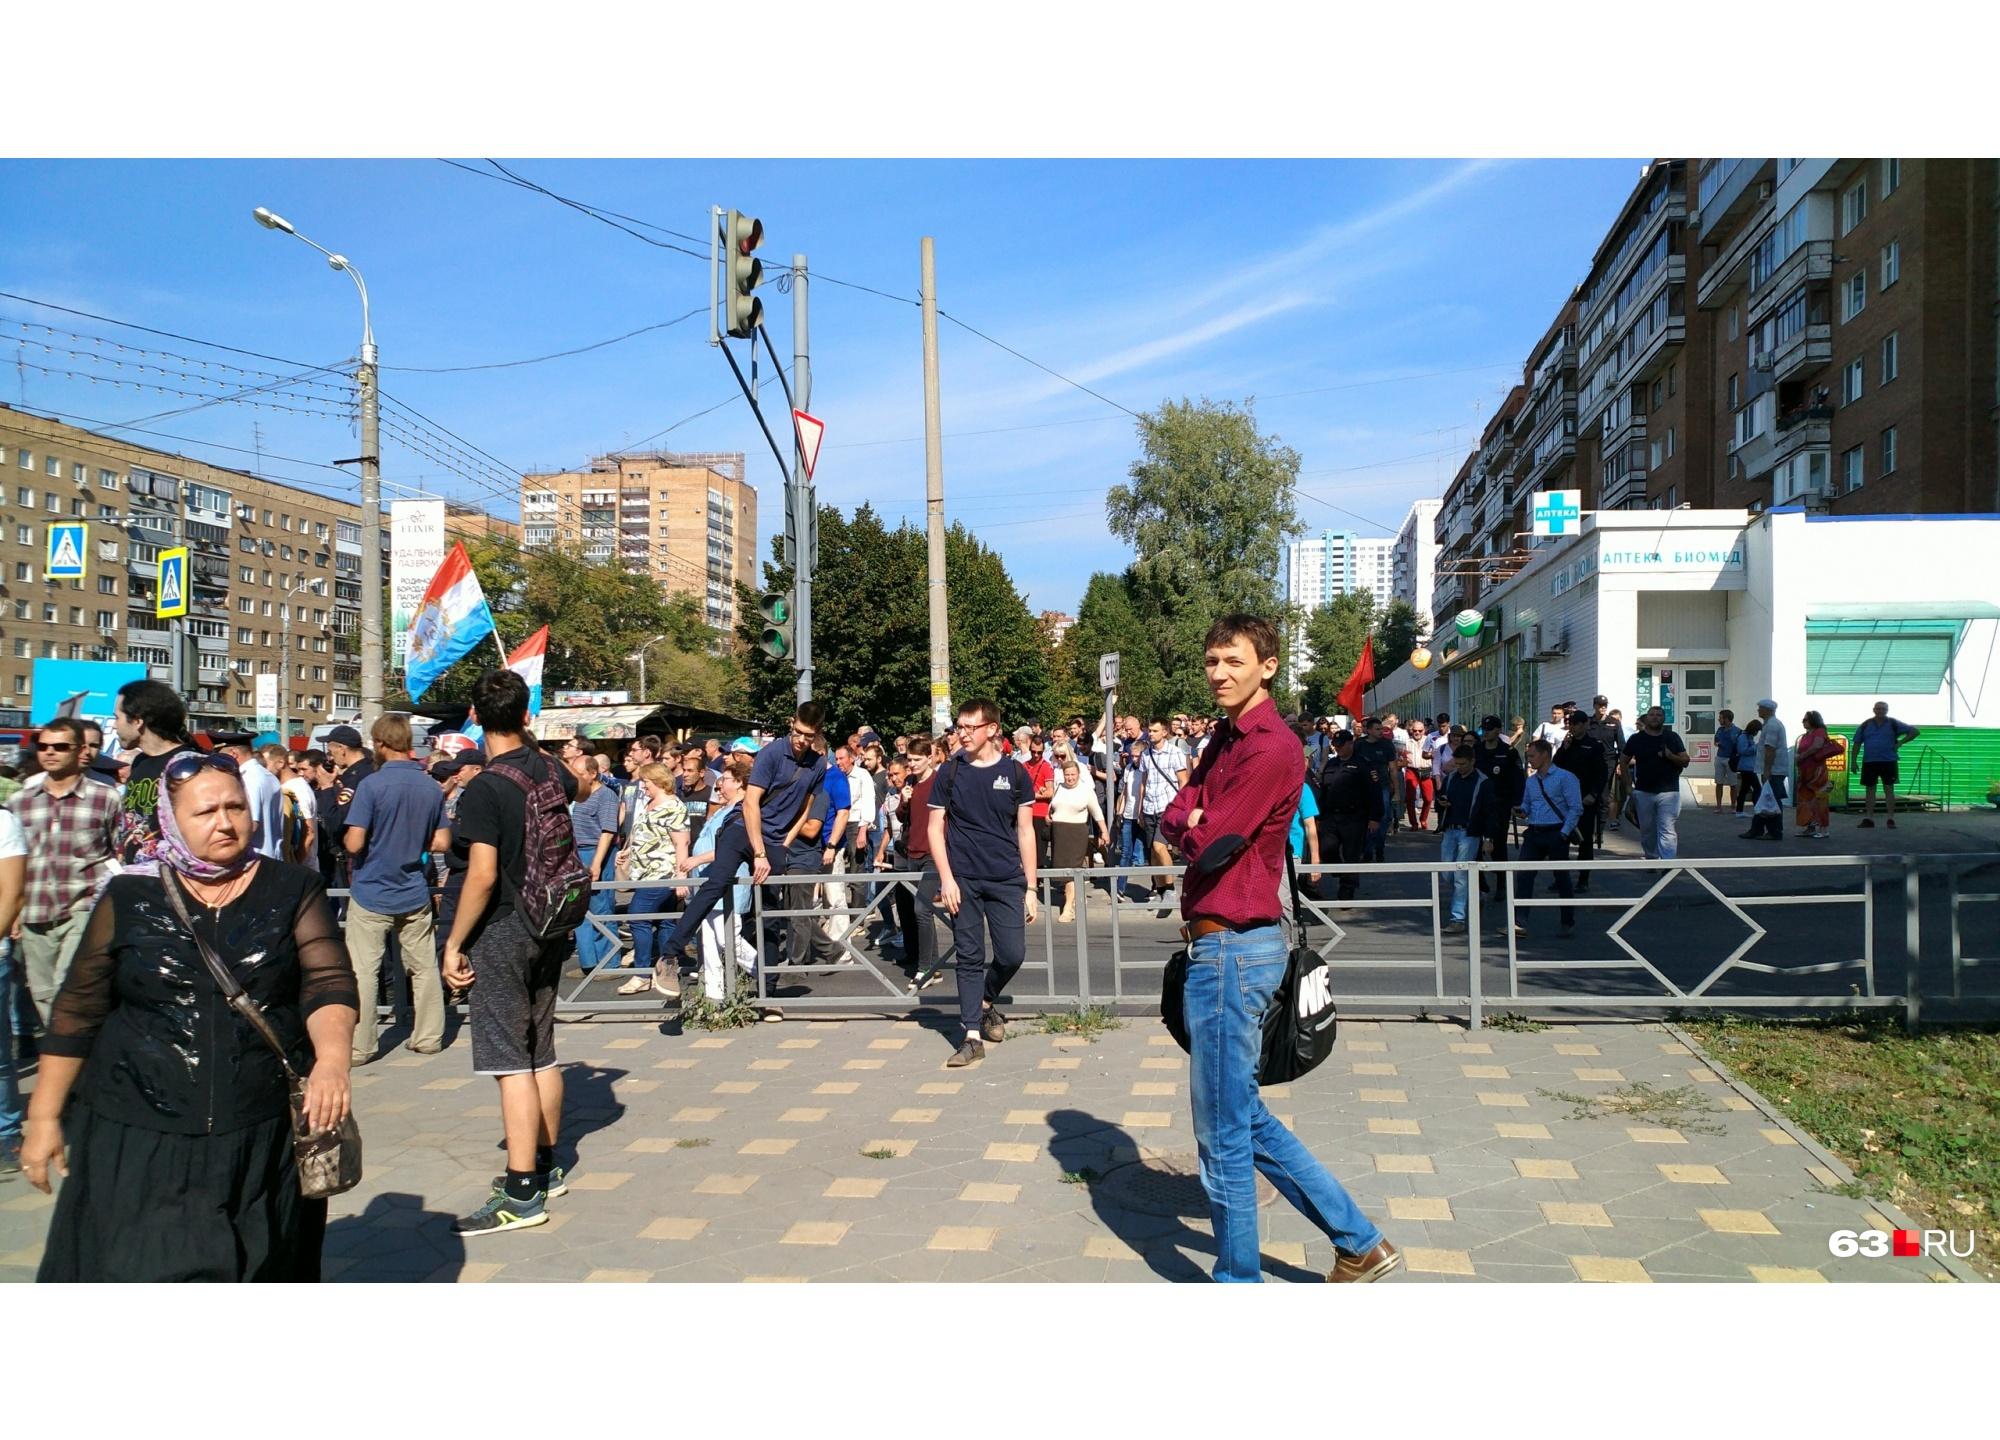 Протестующие шли по тротуарам